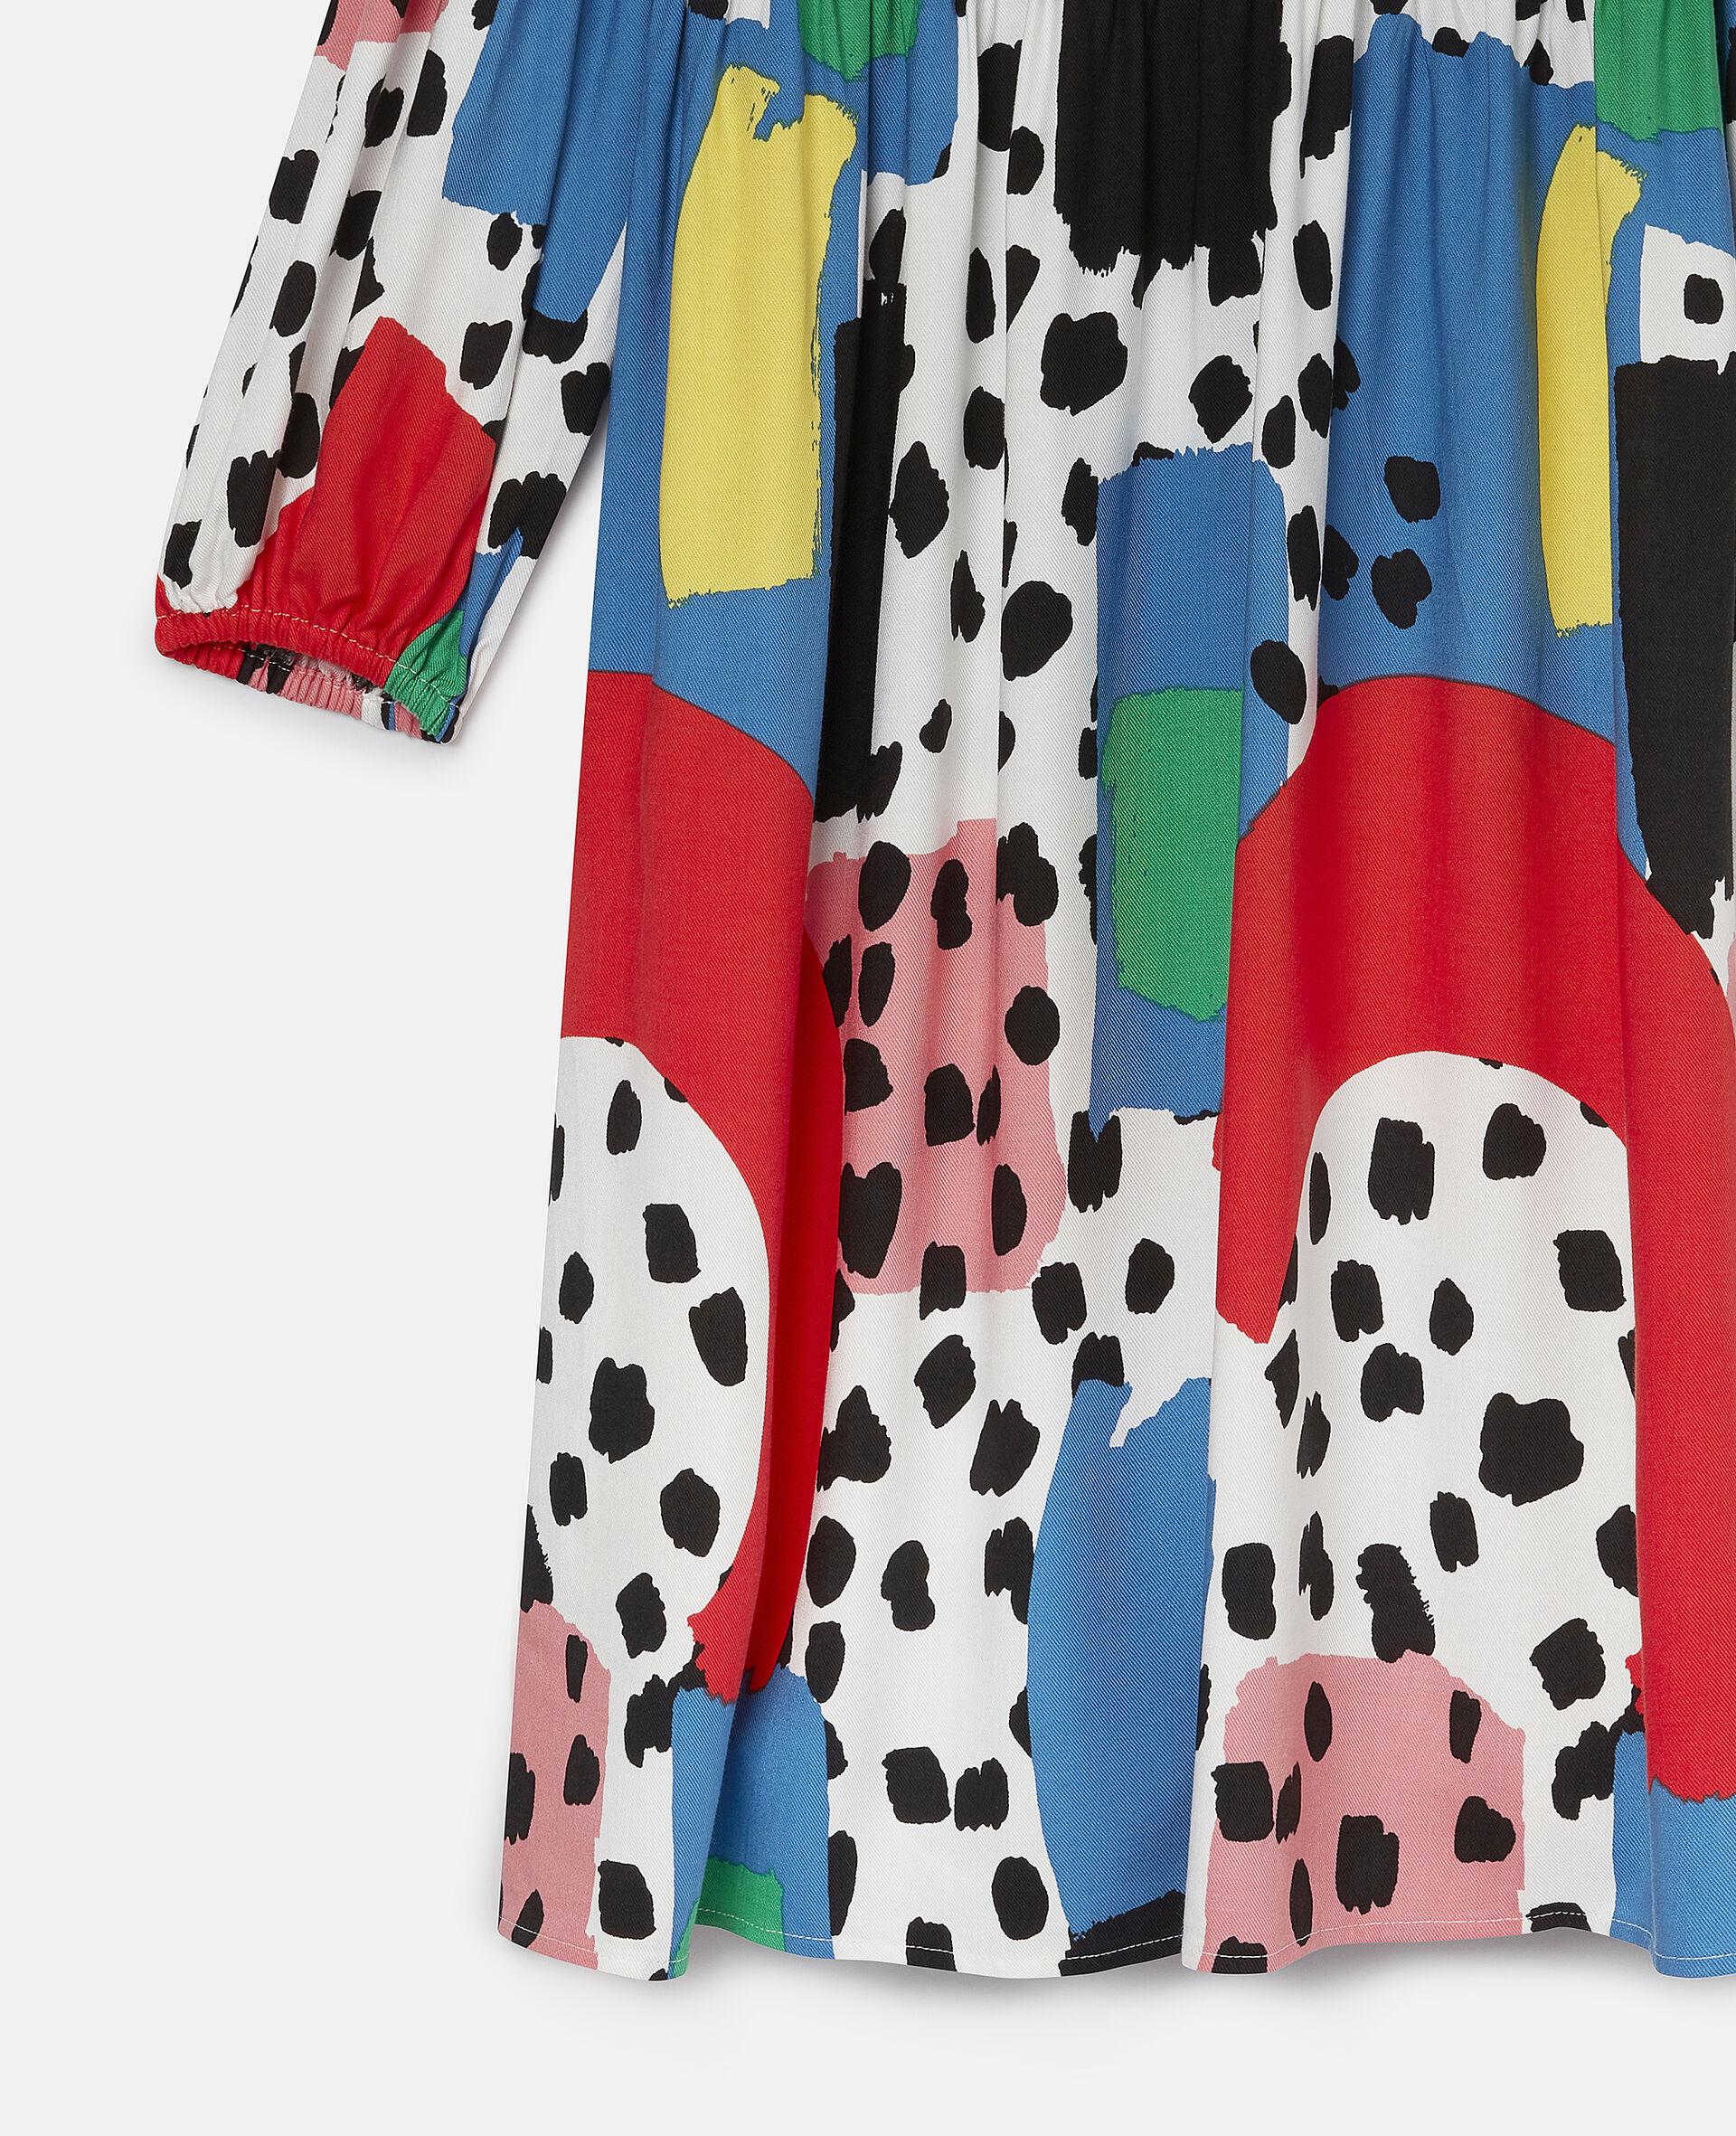 Kleid aus Twill mit Dalmatiner-Flecken-Bunt-large image number 1